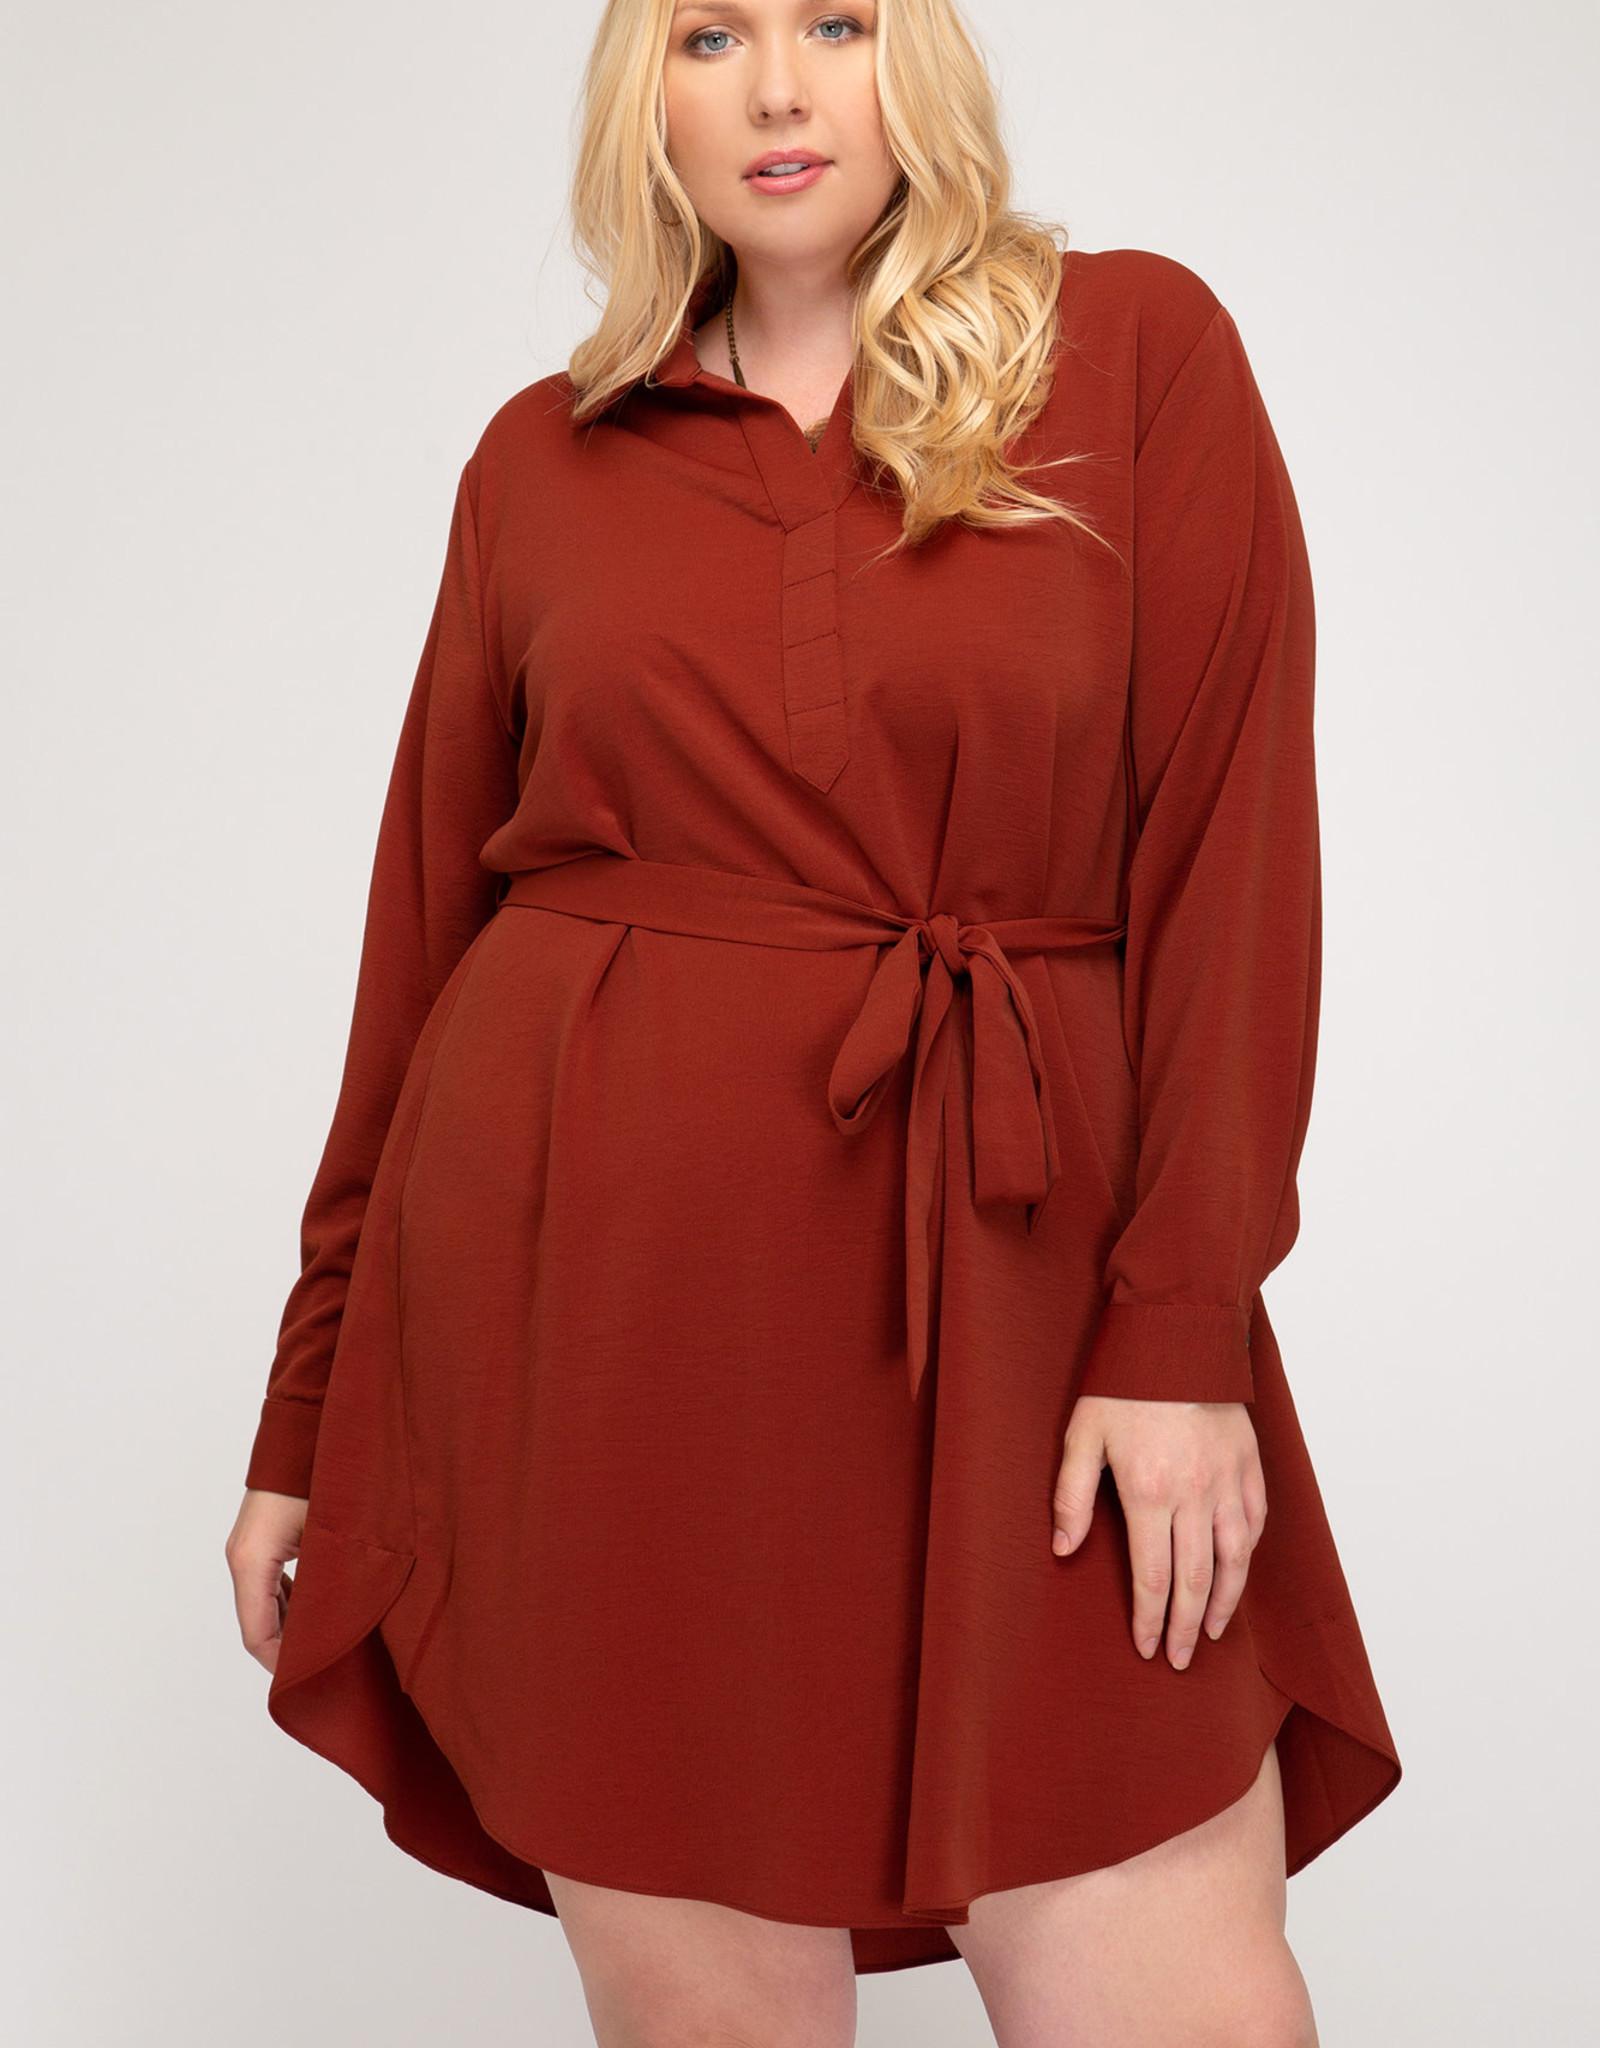 Long Sleeve Shirt Dress with Sash